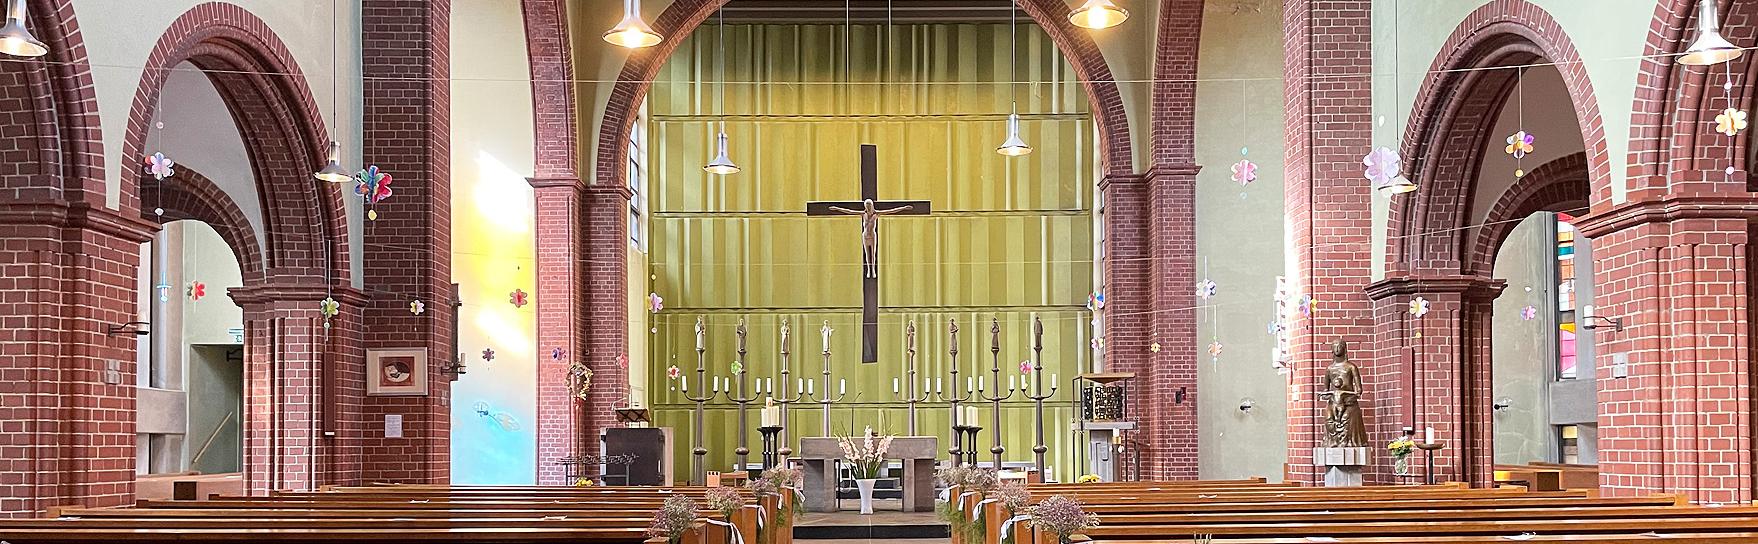 Kircheninnenraum der Pfarrei St. Bonifatius Wilhelmsburg Hamburg